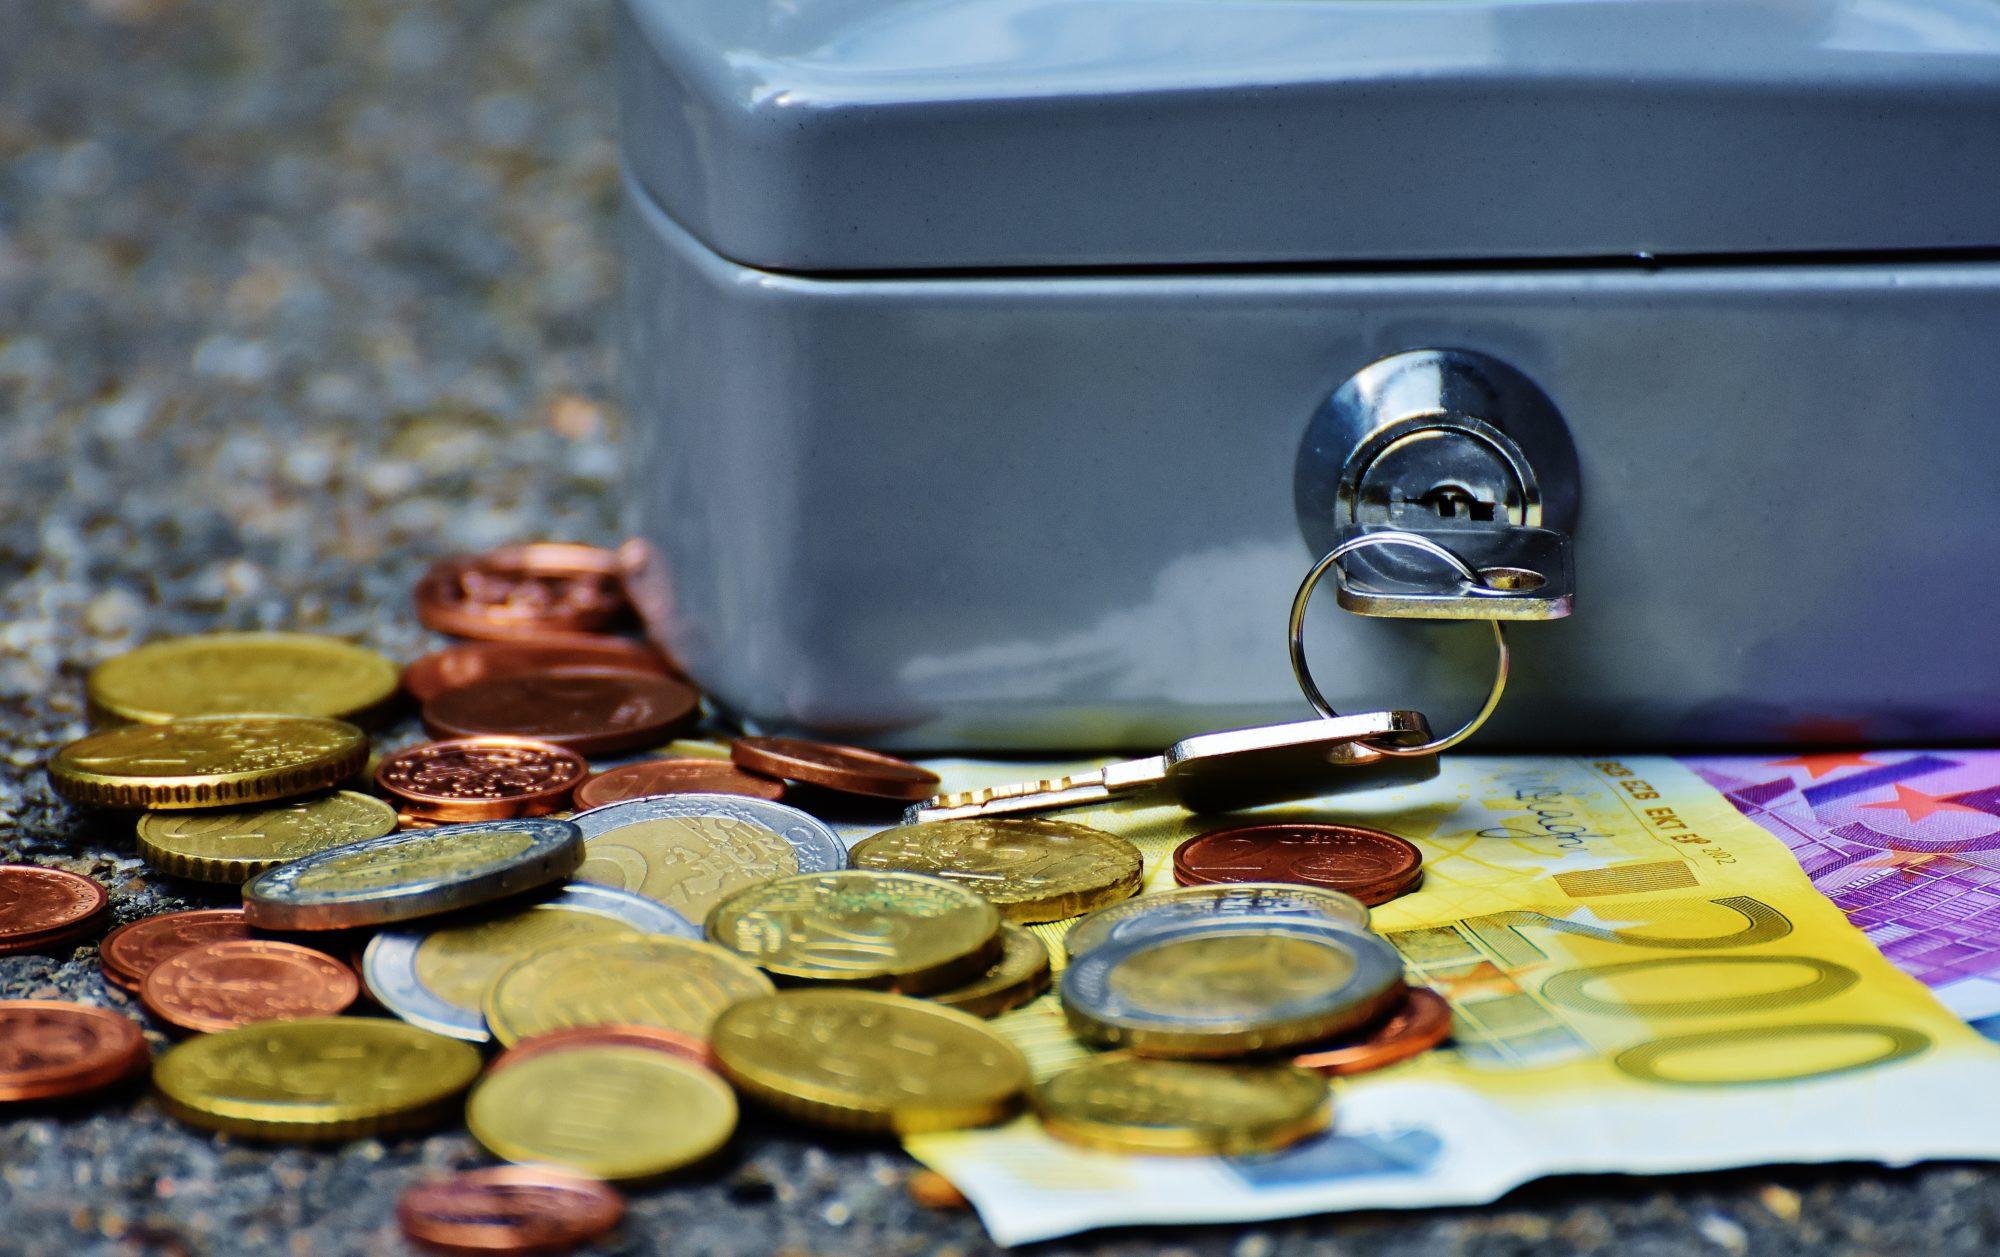 Bani-euro-seif-Pexels-e1569327442746